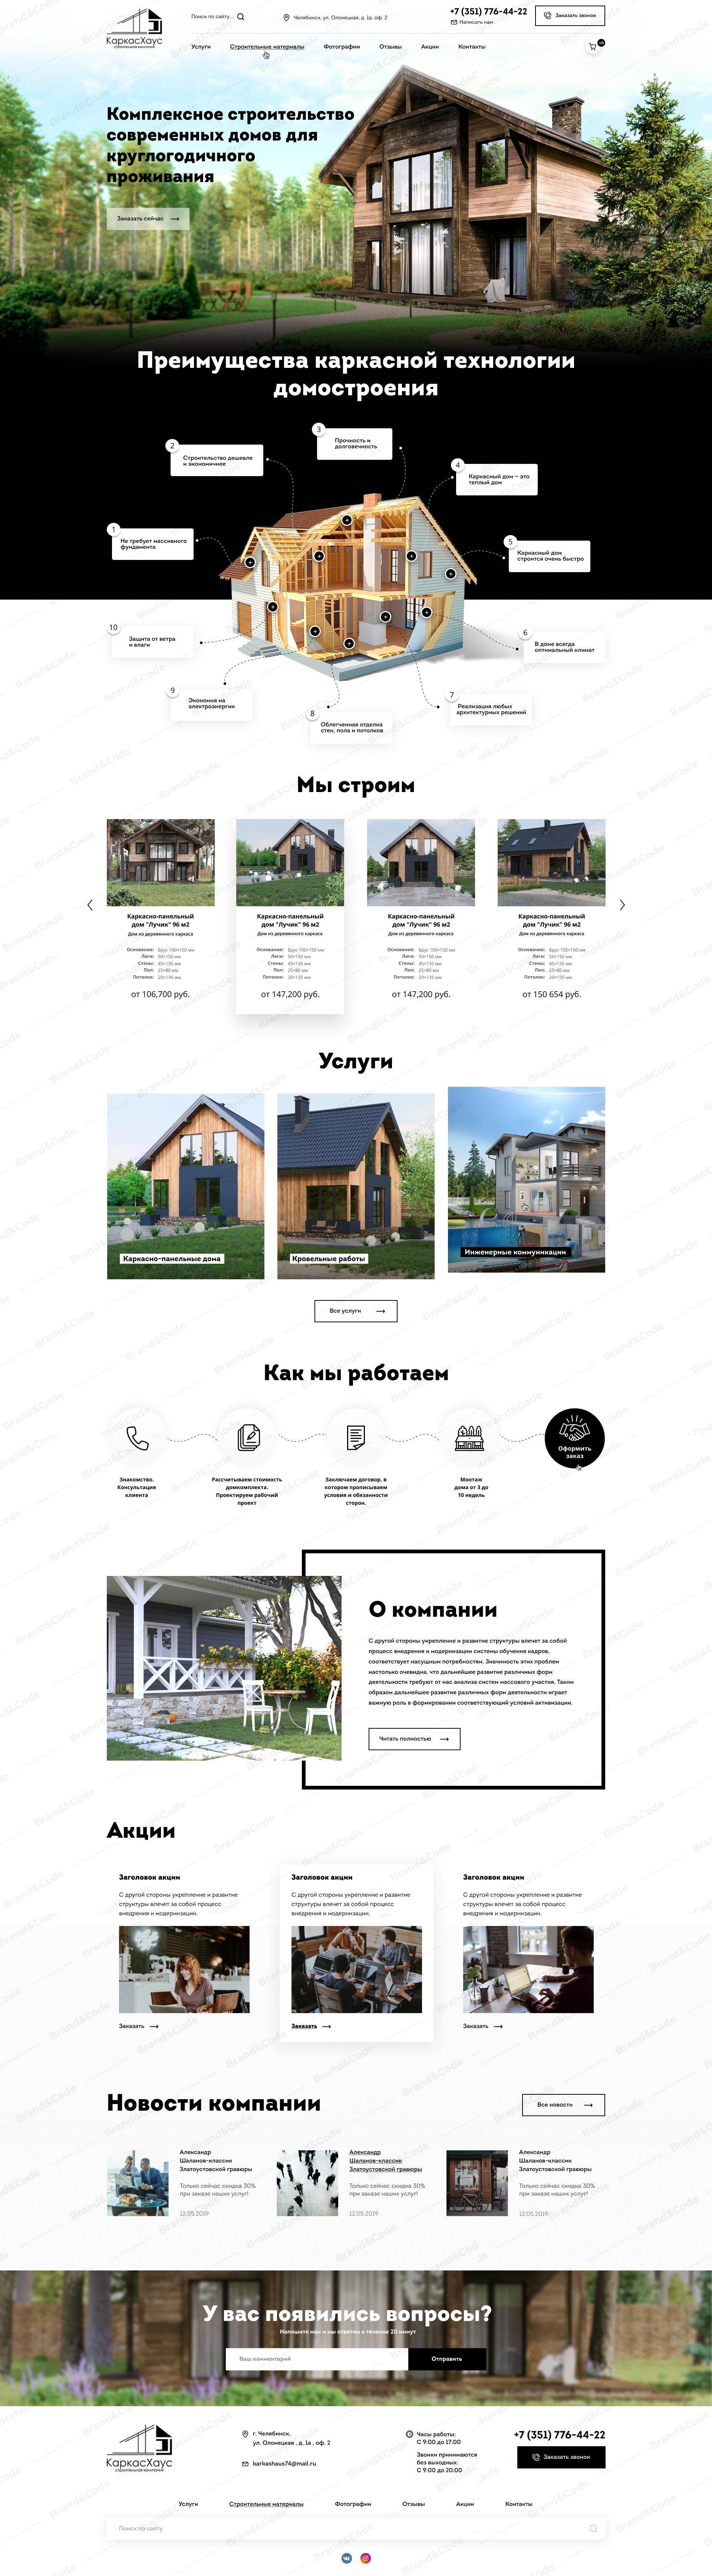 Каркас Хаус - строительство домов